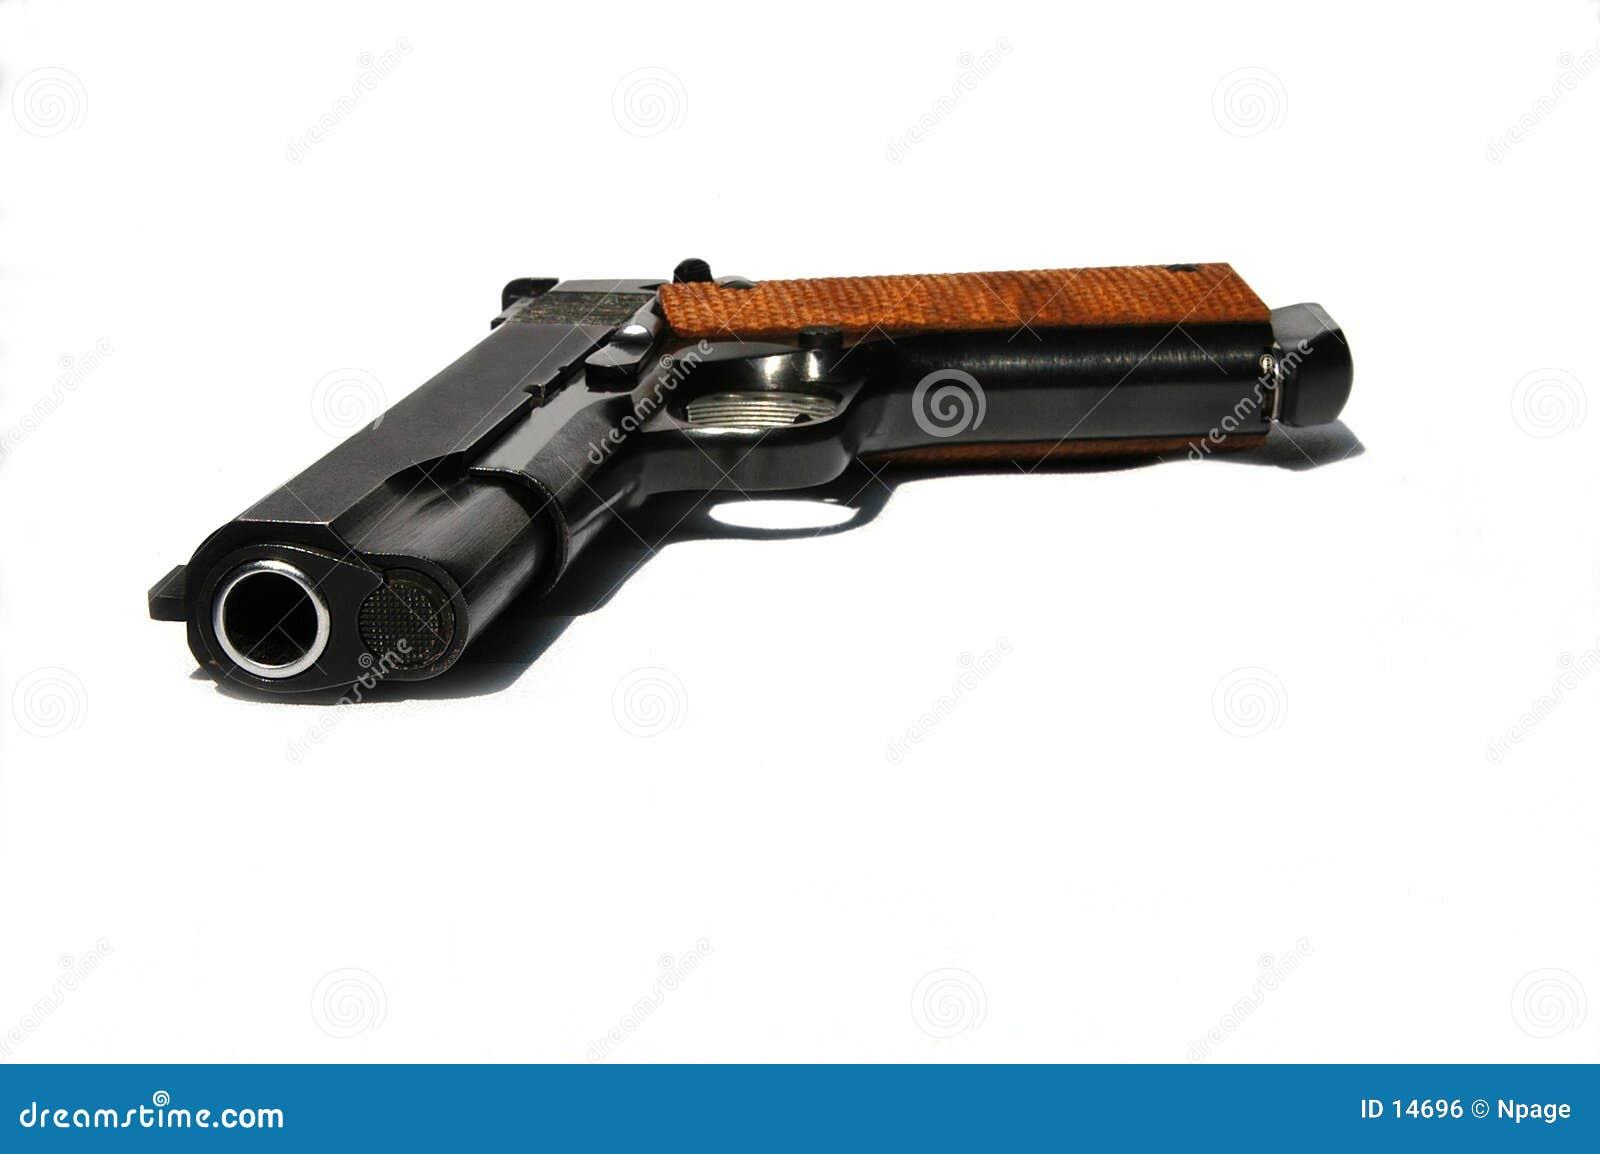 Pistol no3